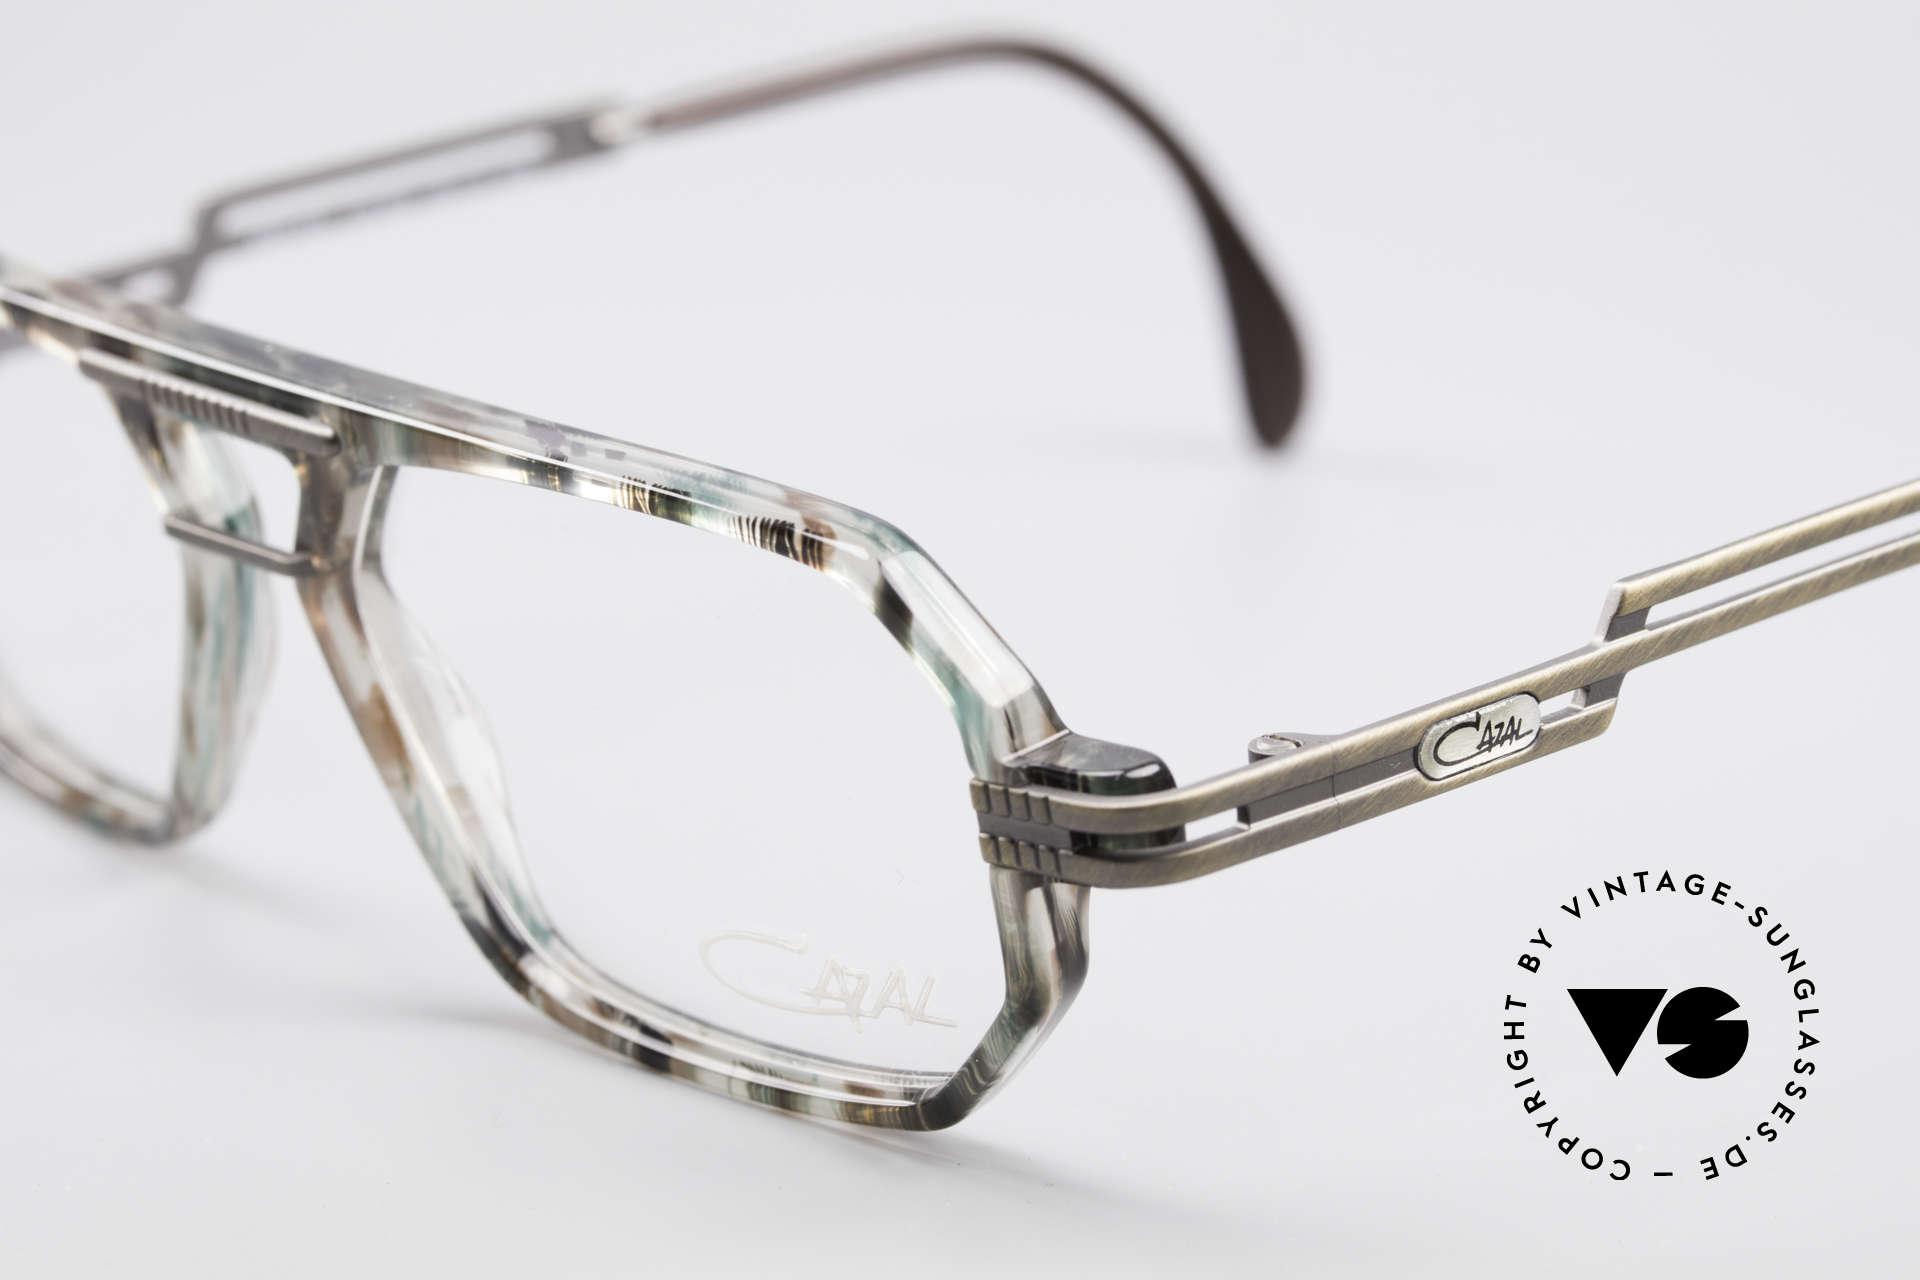 Cazal 651 90's True Vintage Eyeglasses, never worn (like all our vintage Cazal designer glasses), Made for Men